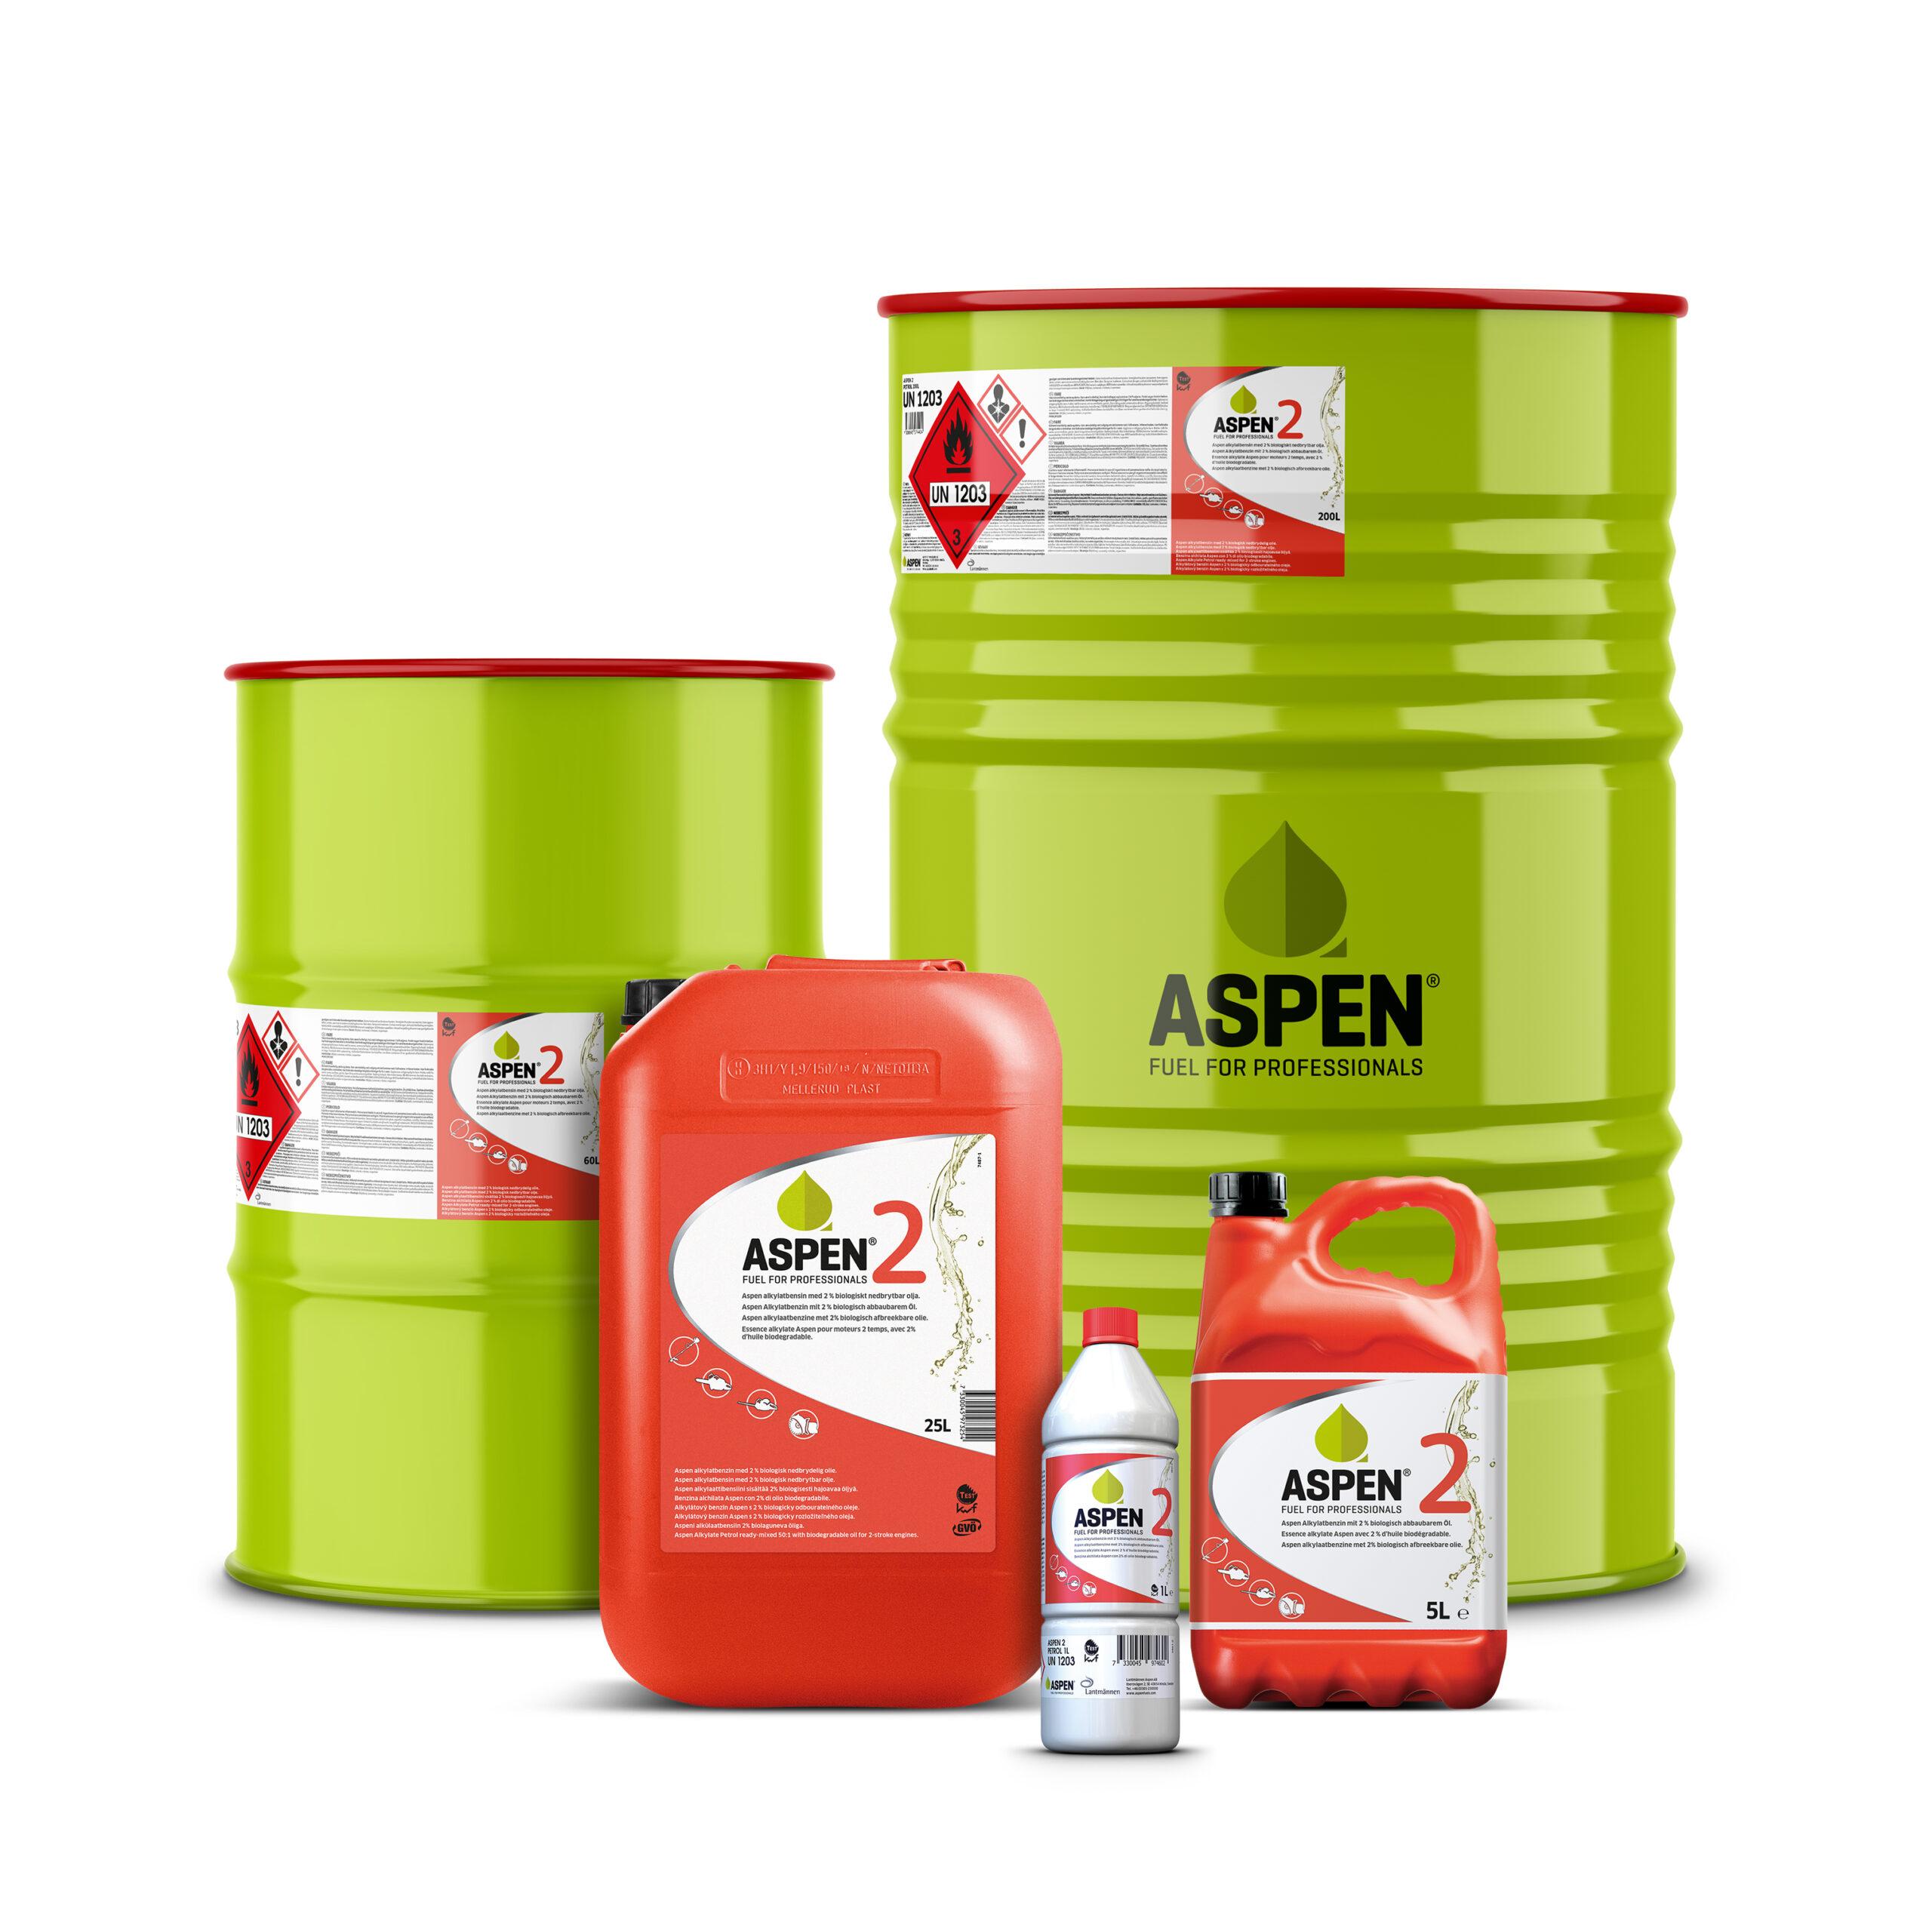 Aspen Fuel 2